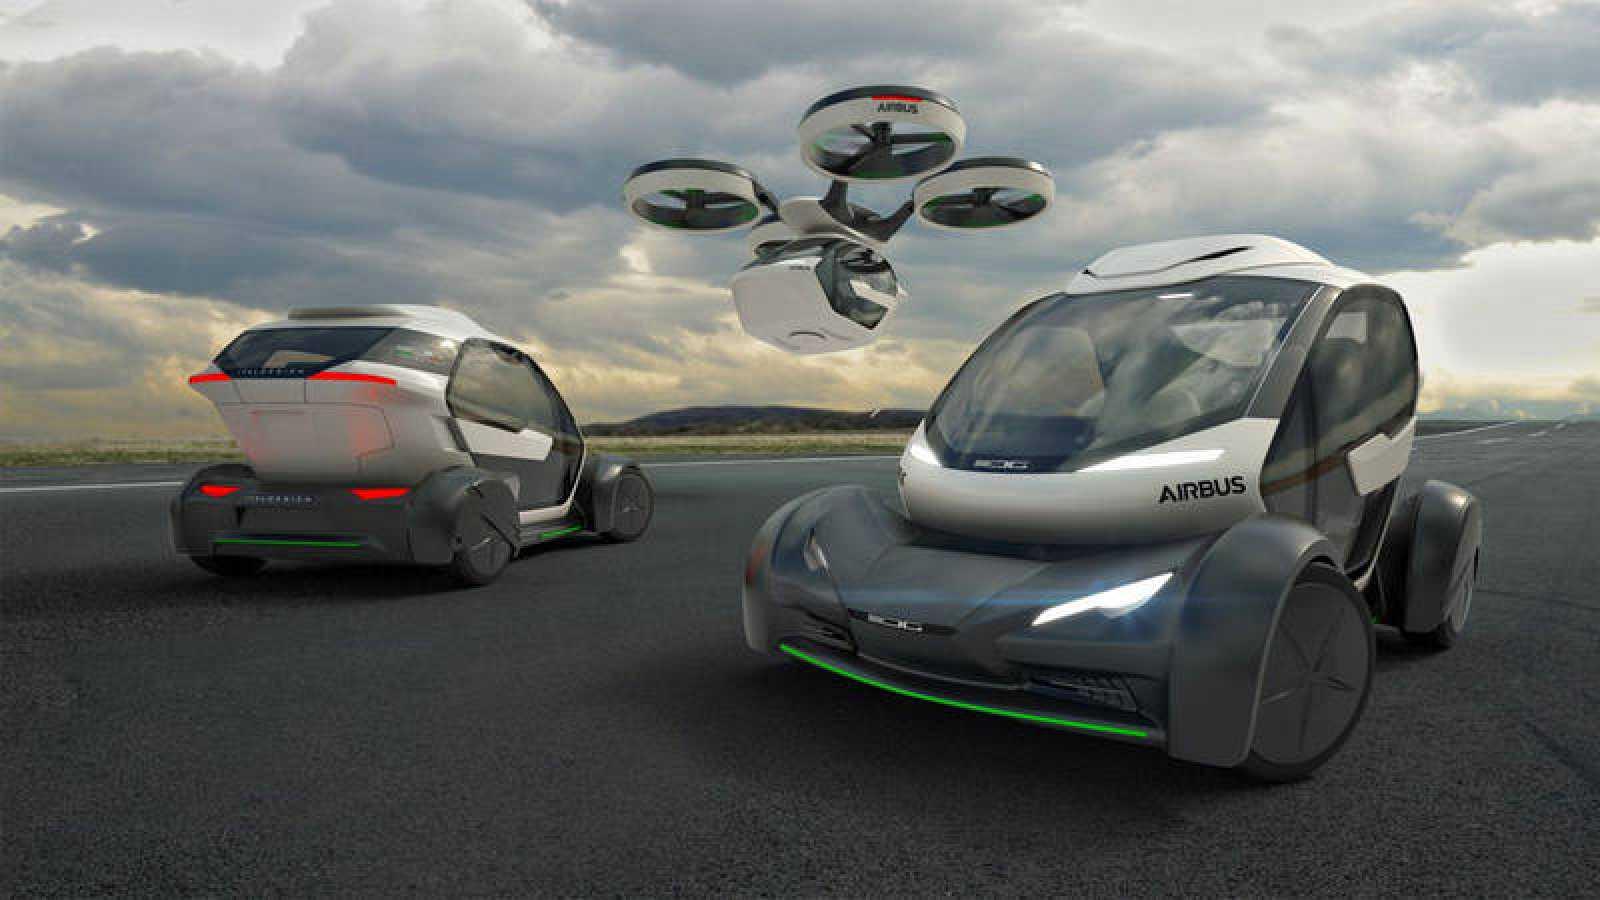 El vehículo se engancha a un dron enorme no tripulado.